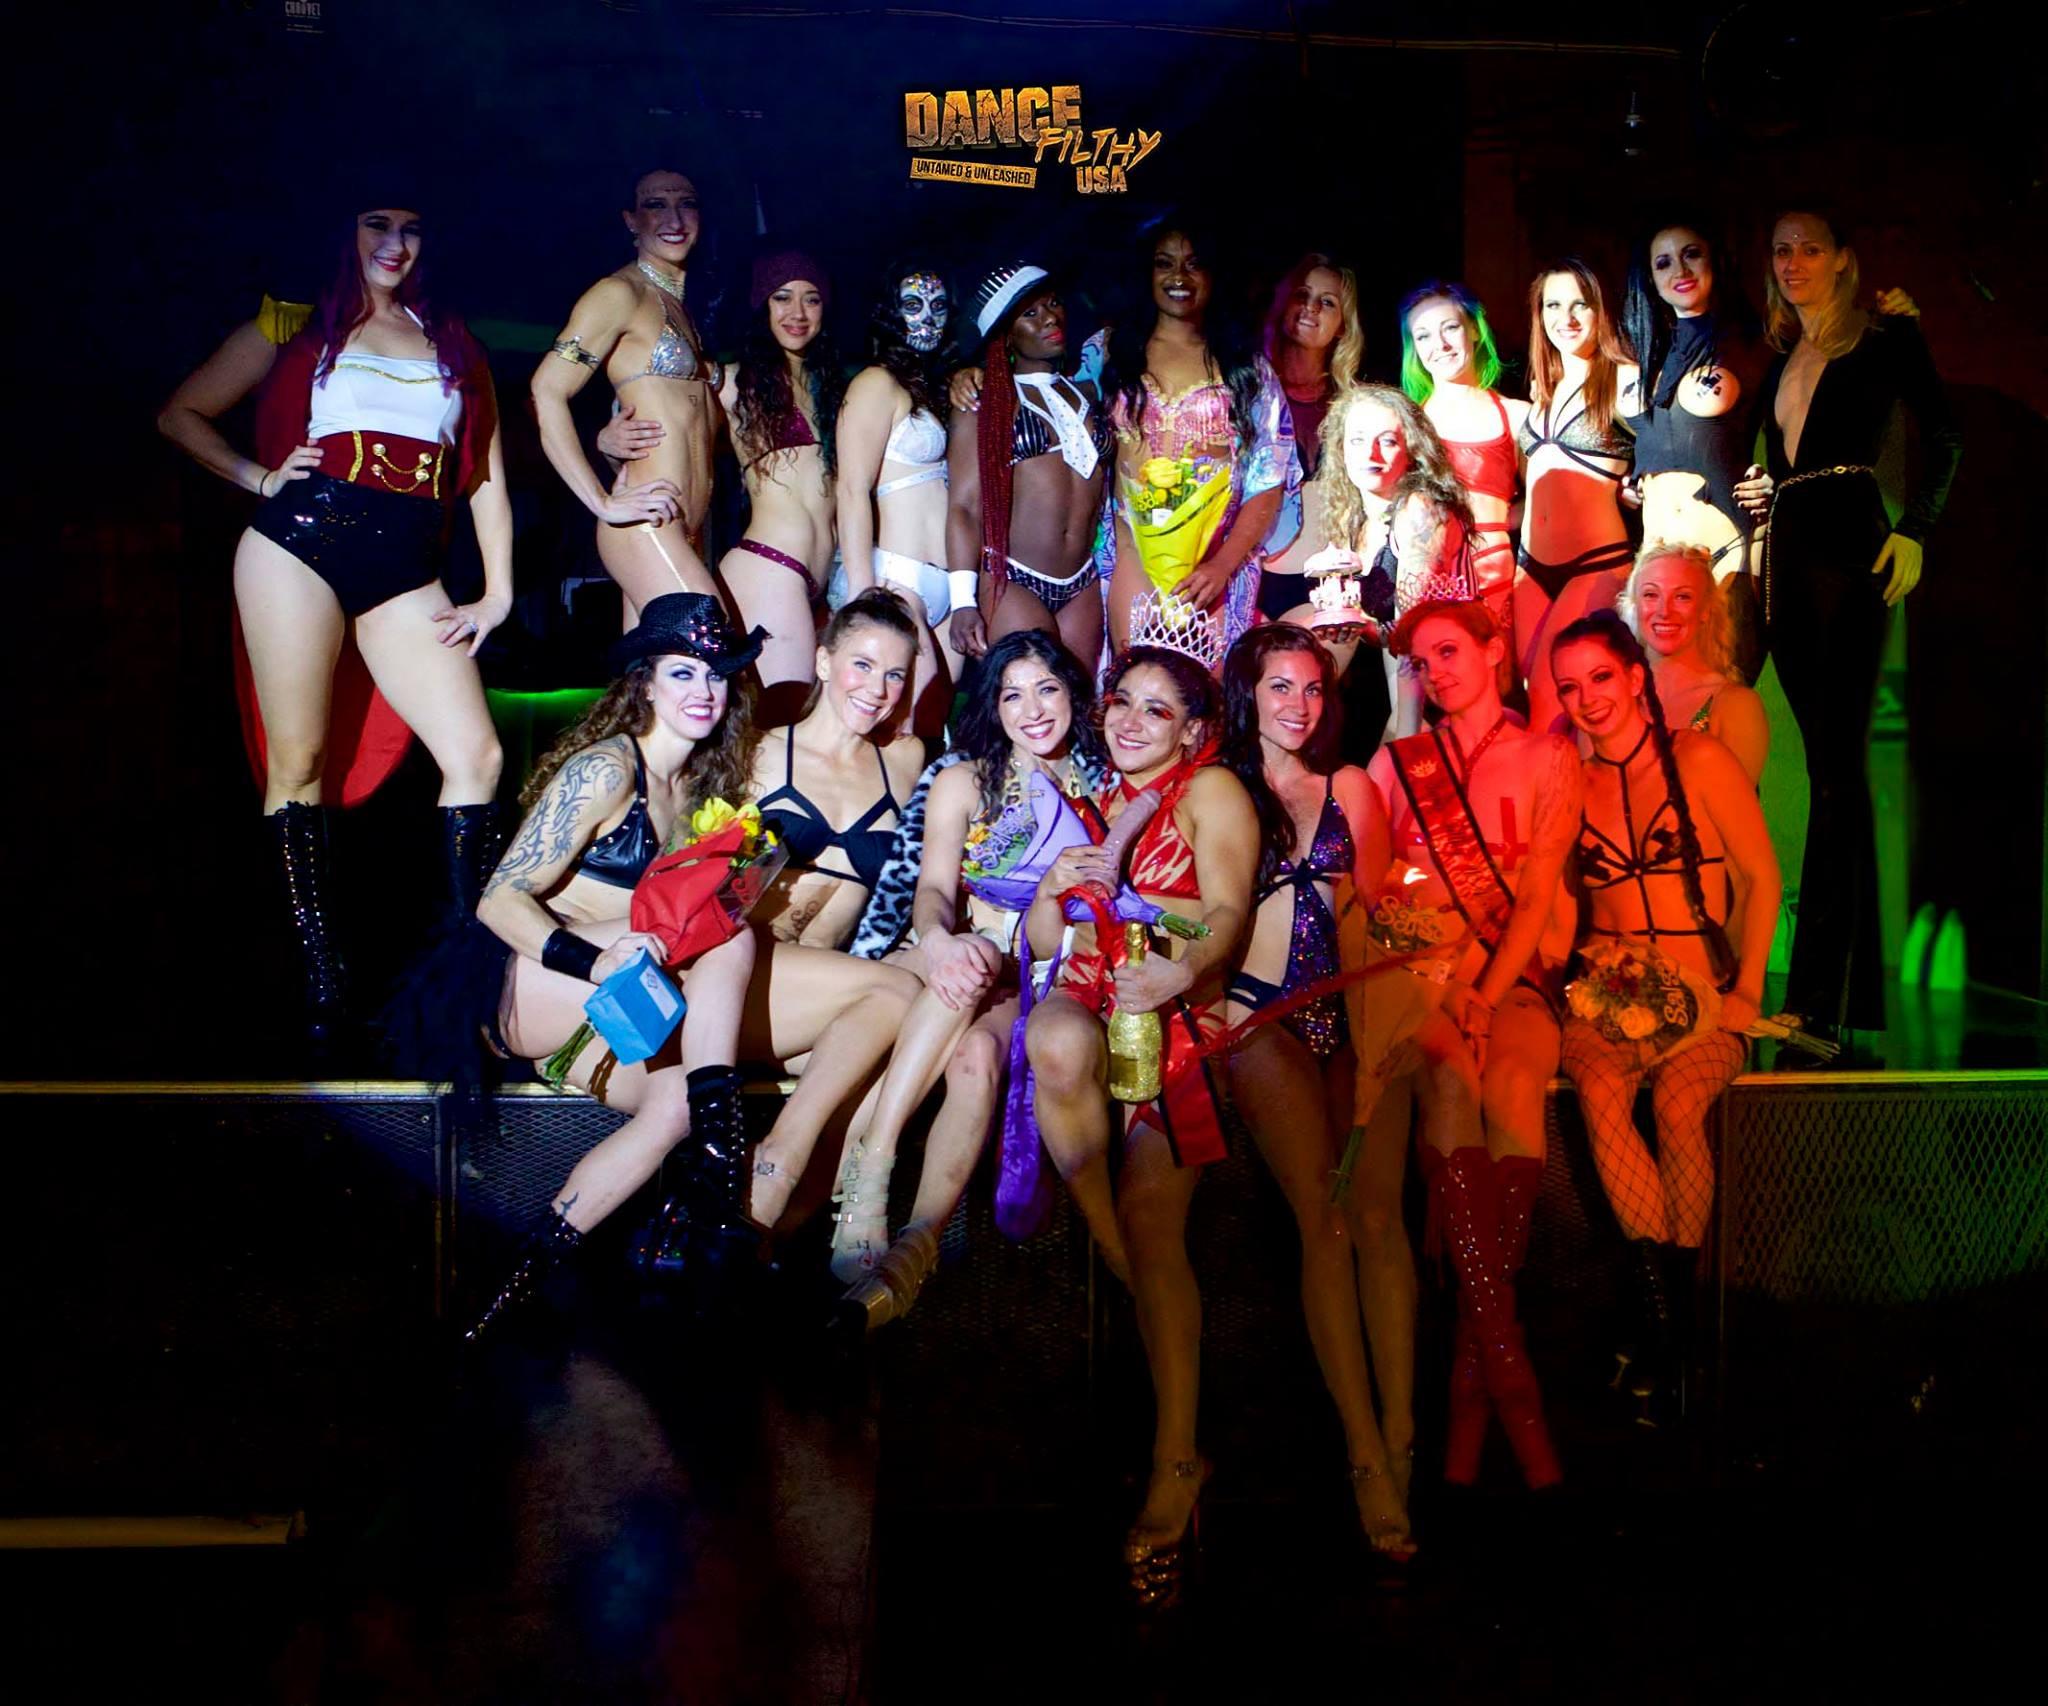 Dance Filthy USA 2016